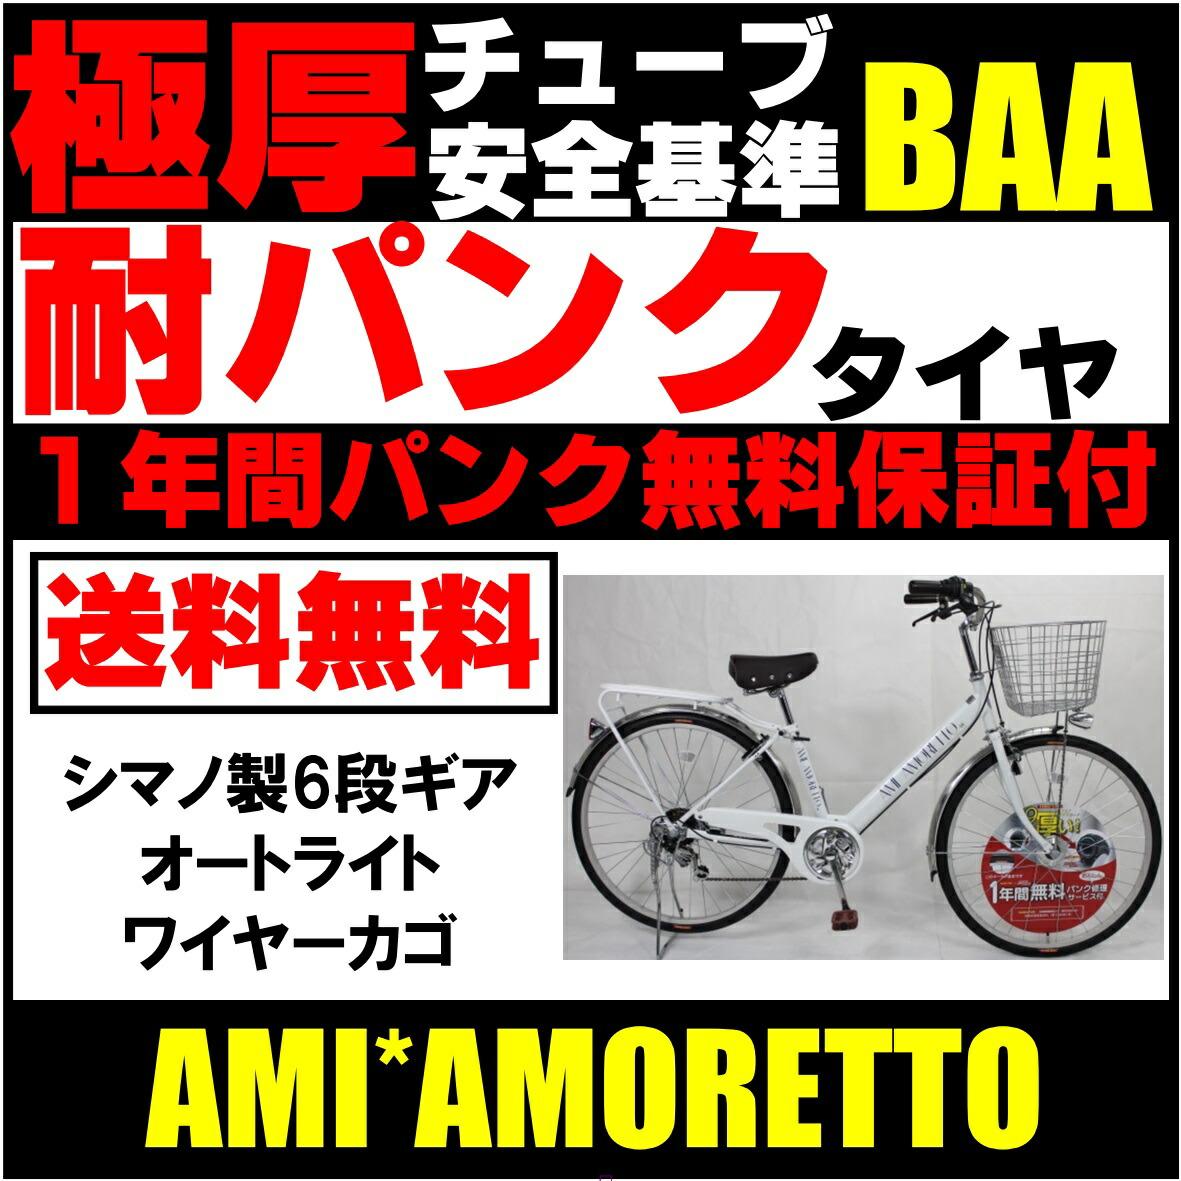 BAA対応 ママチャリ 極厚チューブの耐パンクタイヤ 1年間パンク無料補償 自転車 ホワイト 白 26インチ ママチャリ 6段ギア LEDオートライト AMIAMORETTOツヨ ファッションファミリー 自転車 軽快車 17TY 266FF HD